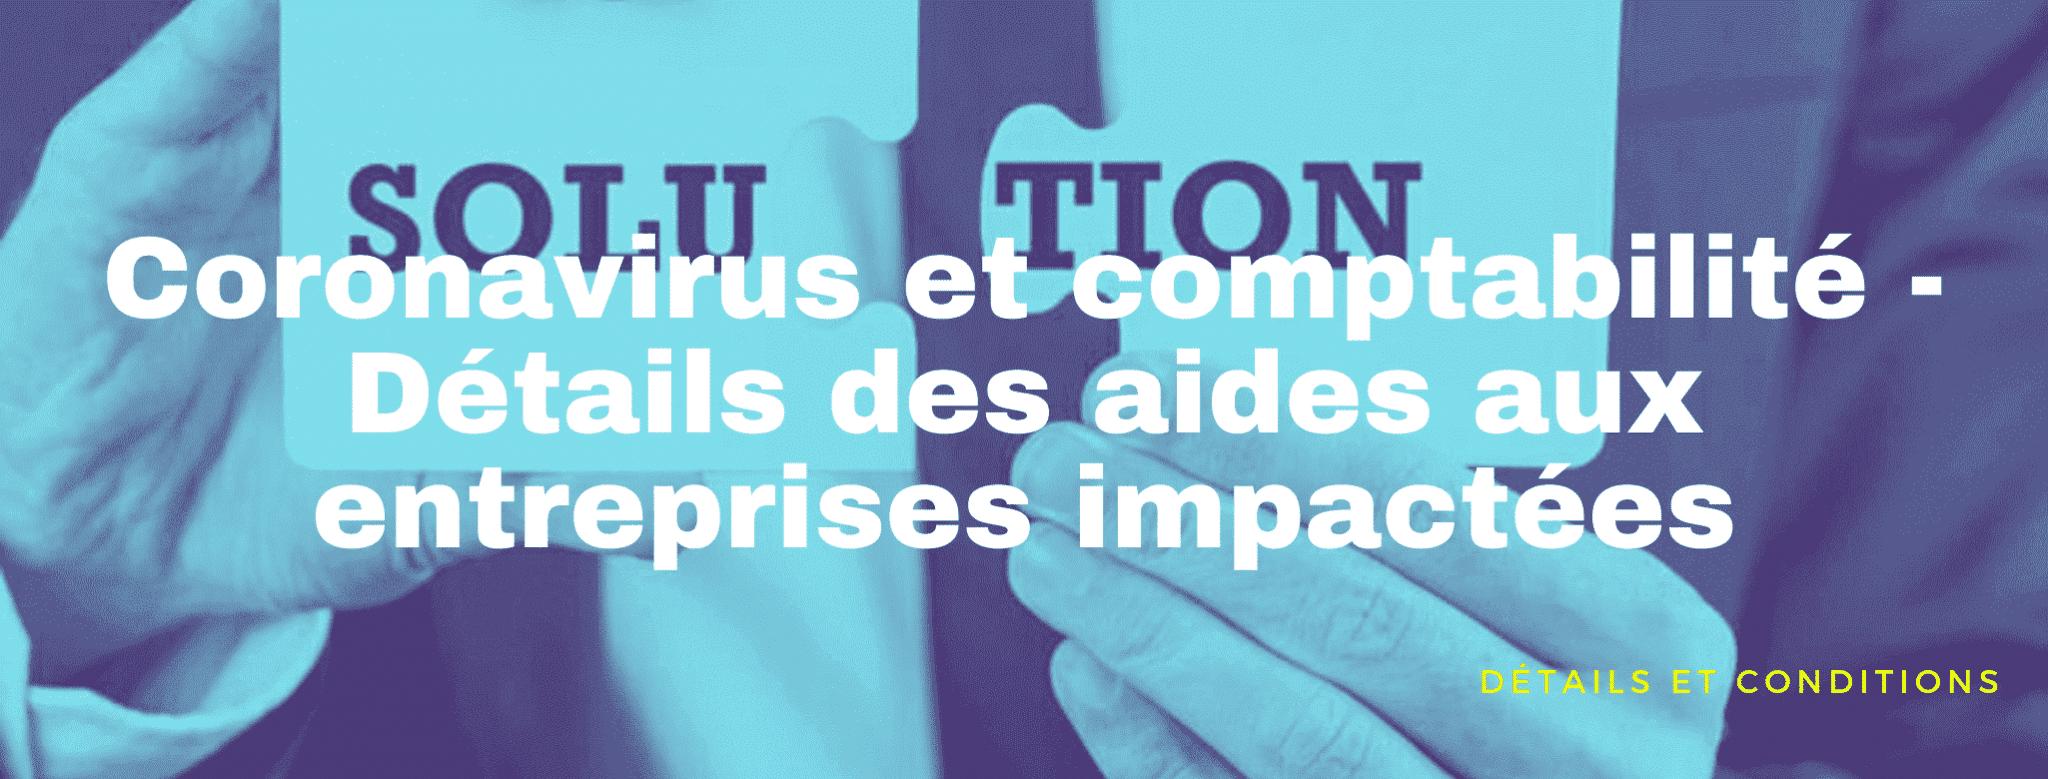 Coronavirus : le détail des aides aux entreprises impactées